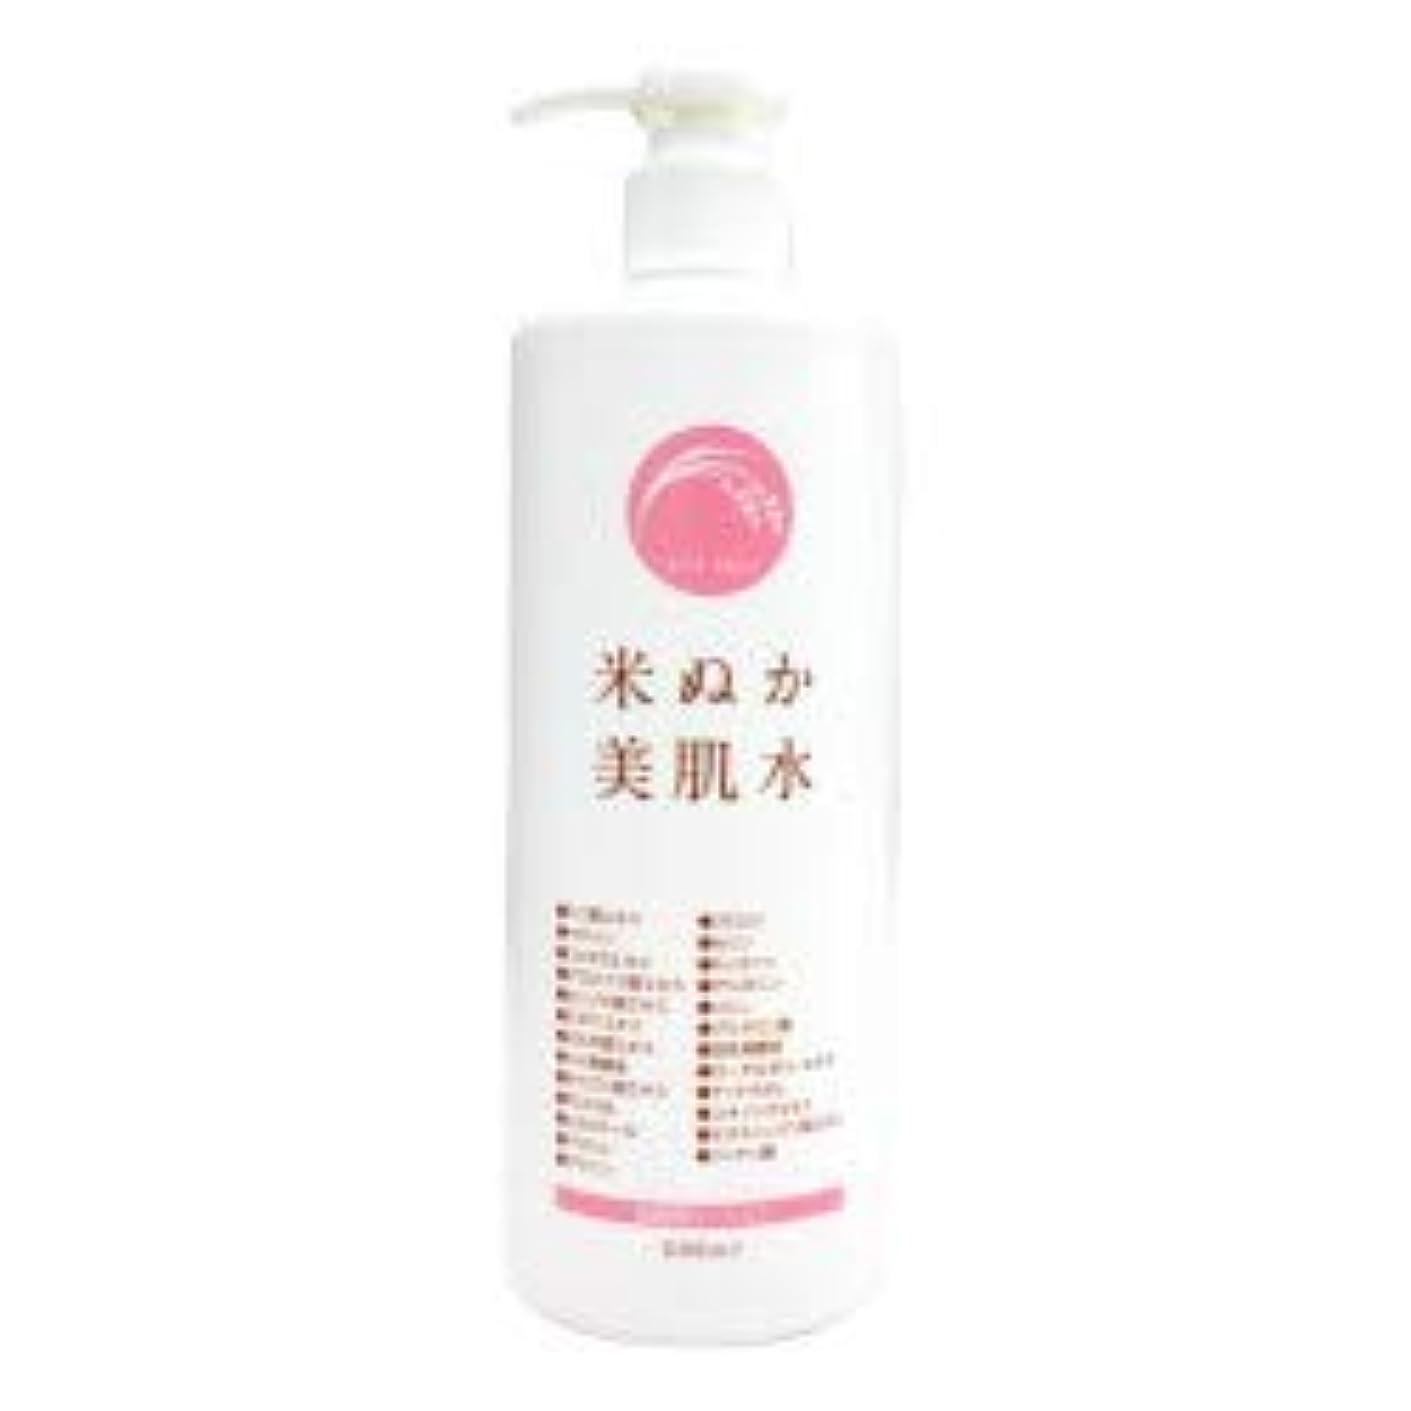 不公平対蘇生するコメヌカエキス コメ発酵液 配合 顔 ボディ用化粧水 米ぬか美肌水 500ml